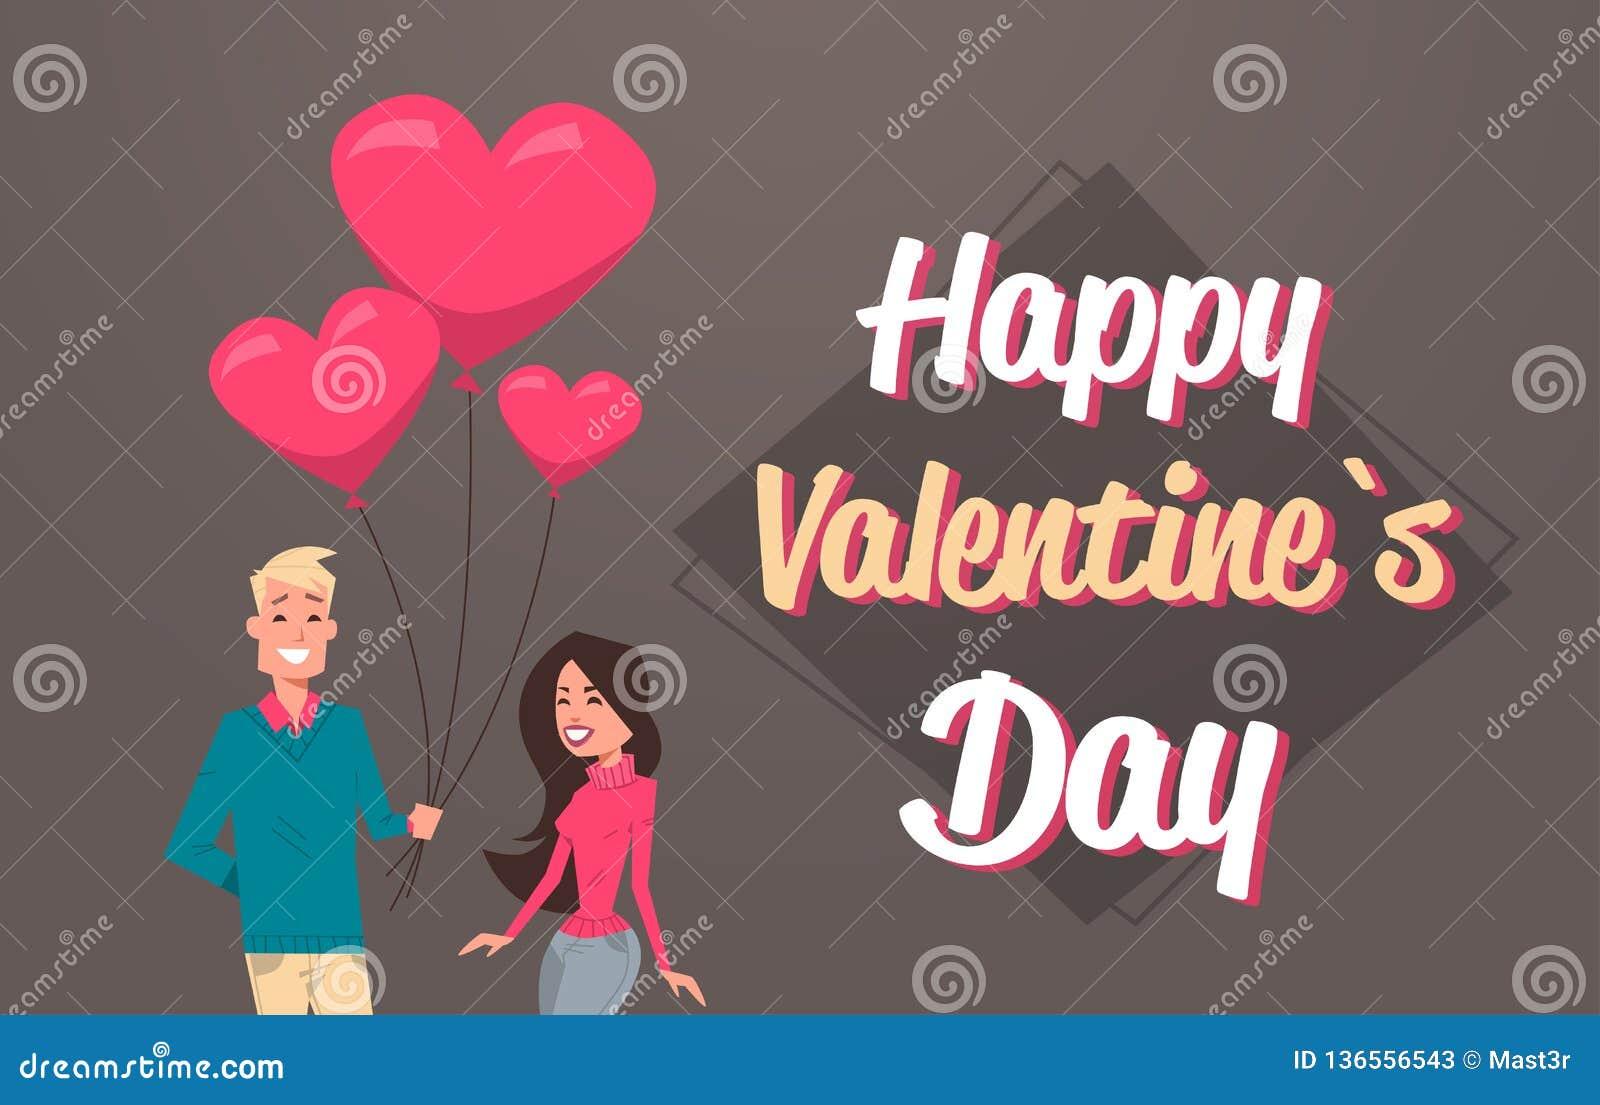 Man die vrouw roze de luchtballons geven van de hartvorm gelukkig de vakantieconcept van de valentijnskaartendag jong paar in de